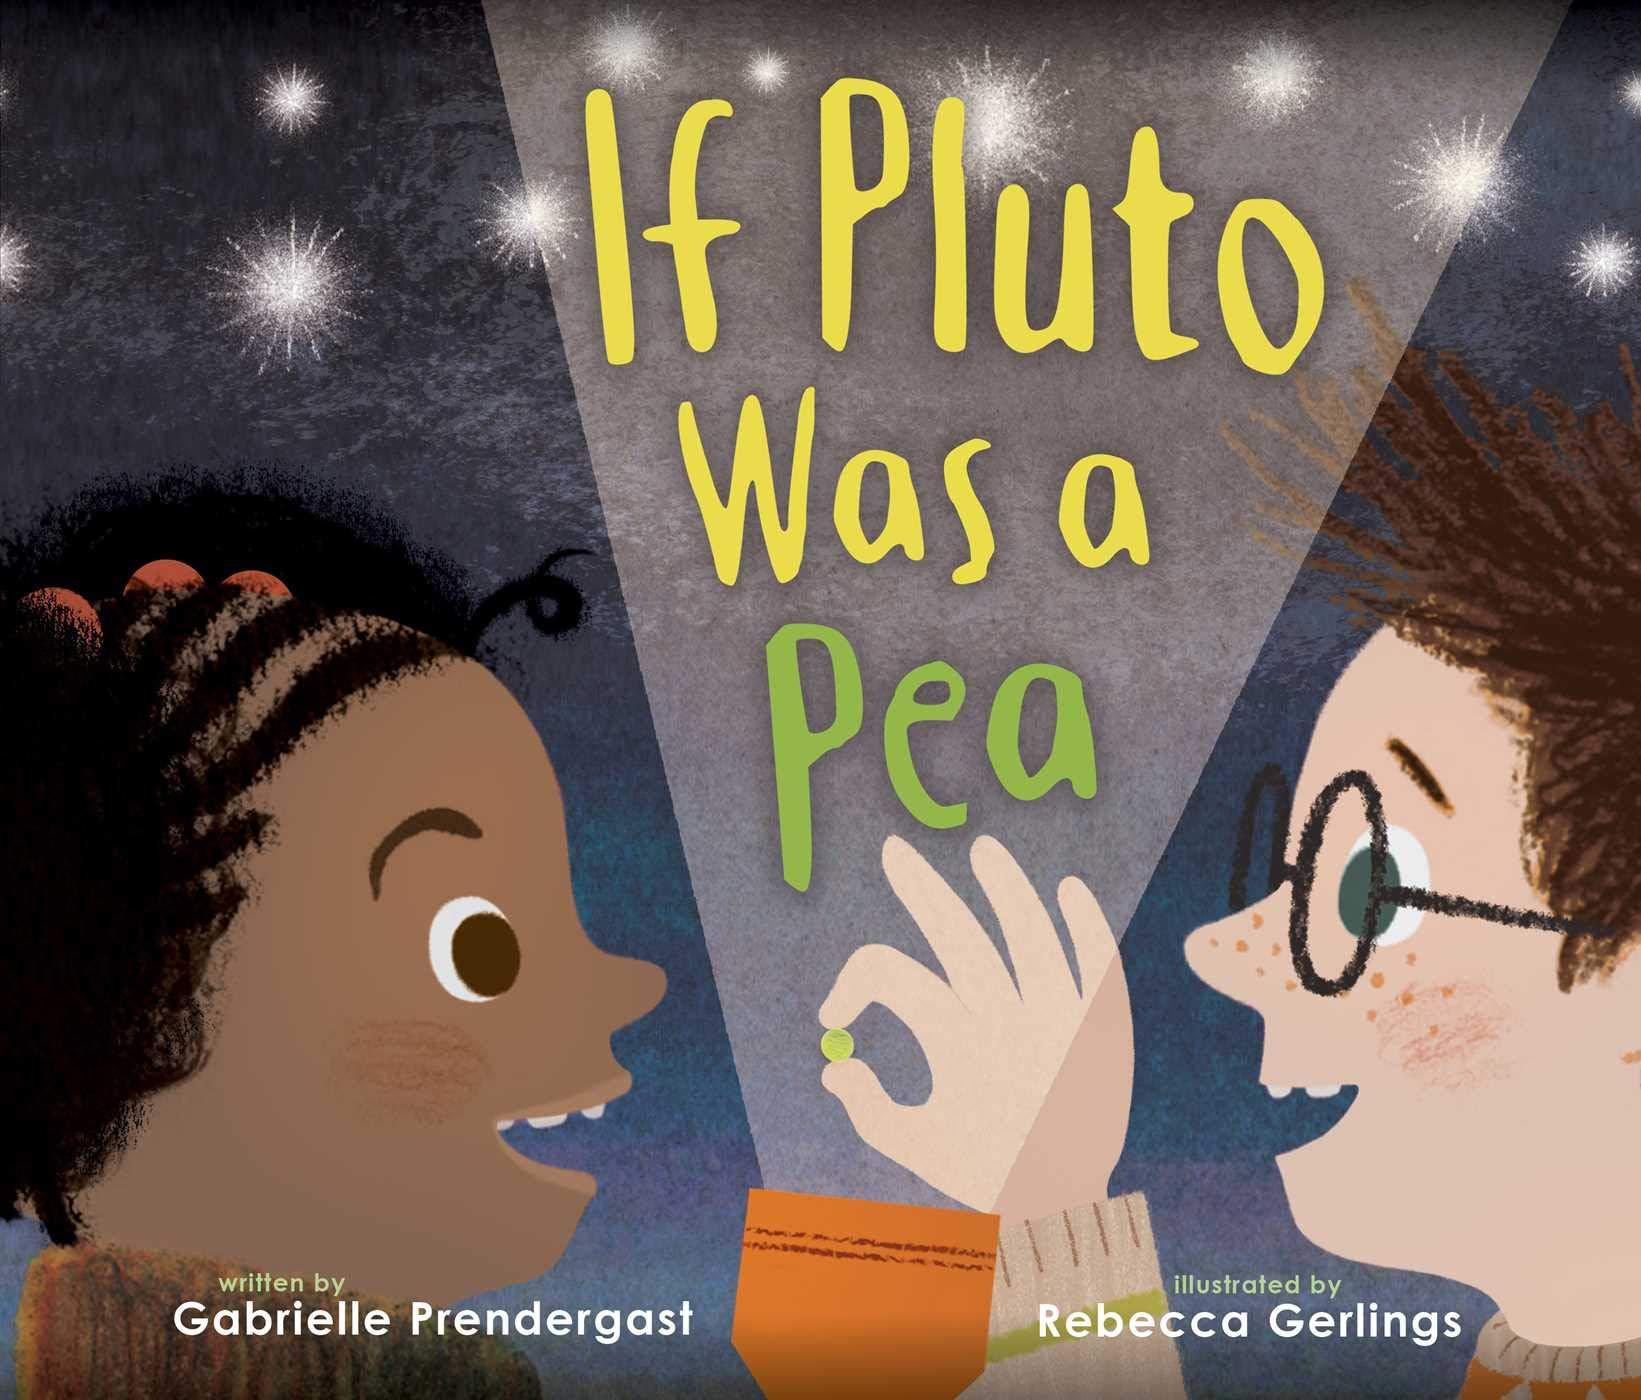 If Pluto Was a Pea: Prendergast, Gabrielle, Gerlings, Rebecca:  9781534404359: Amazon.com: Books